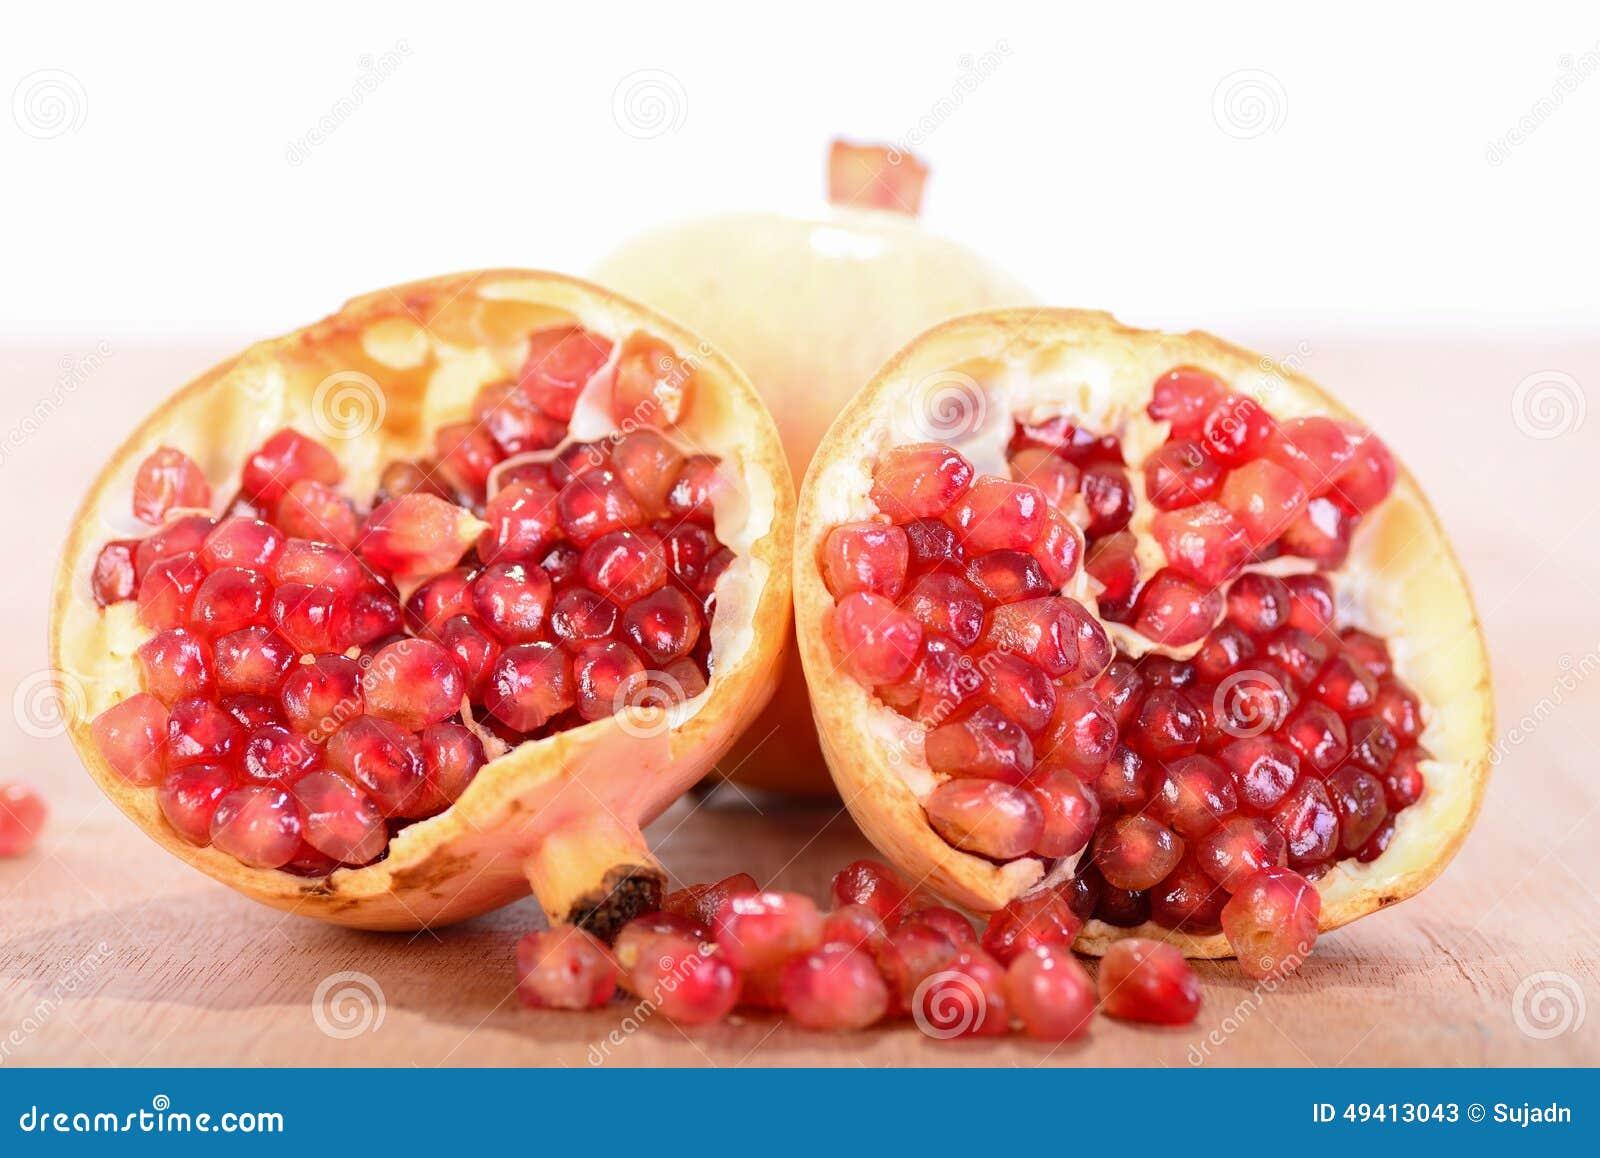 Download Granatapfelsaft Und -früchte Stockbild - Bild von nahrung, farbe: 49413043